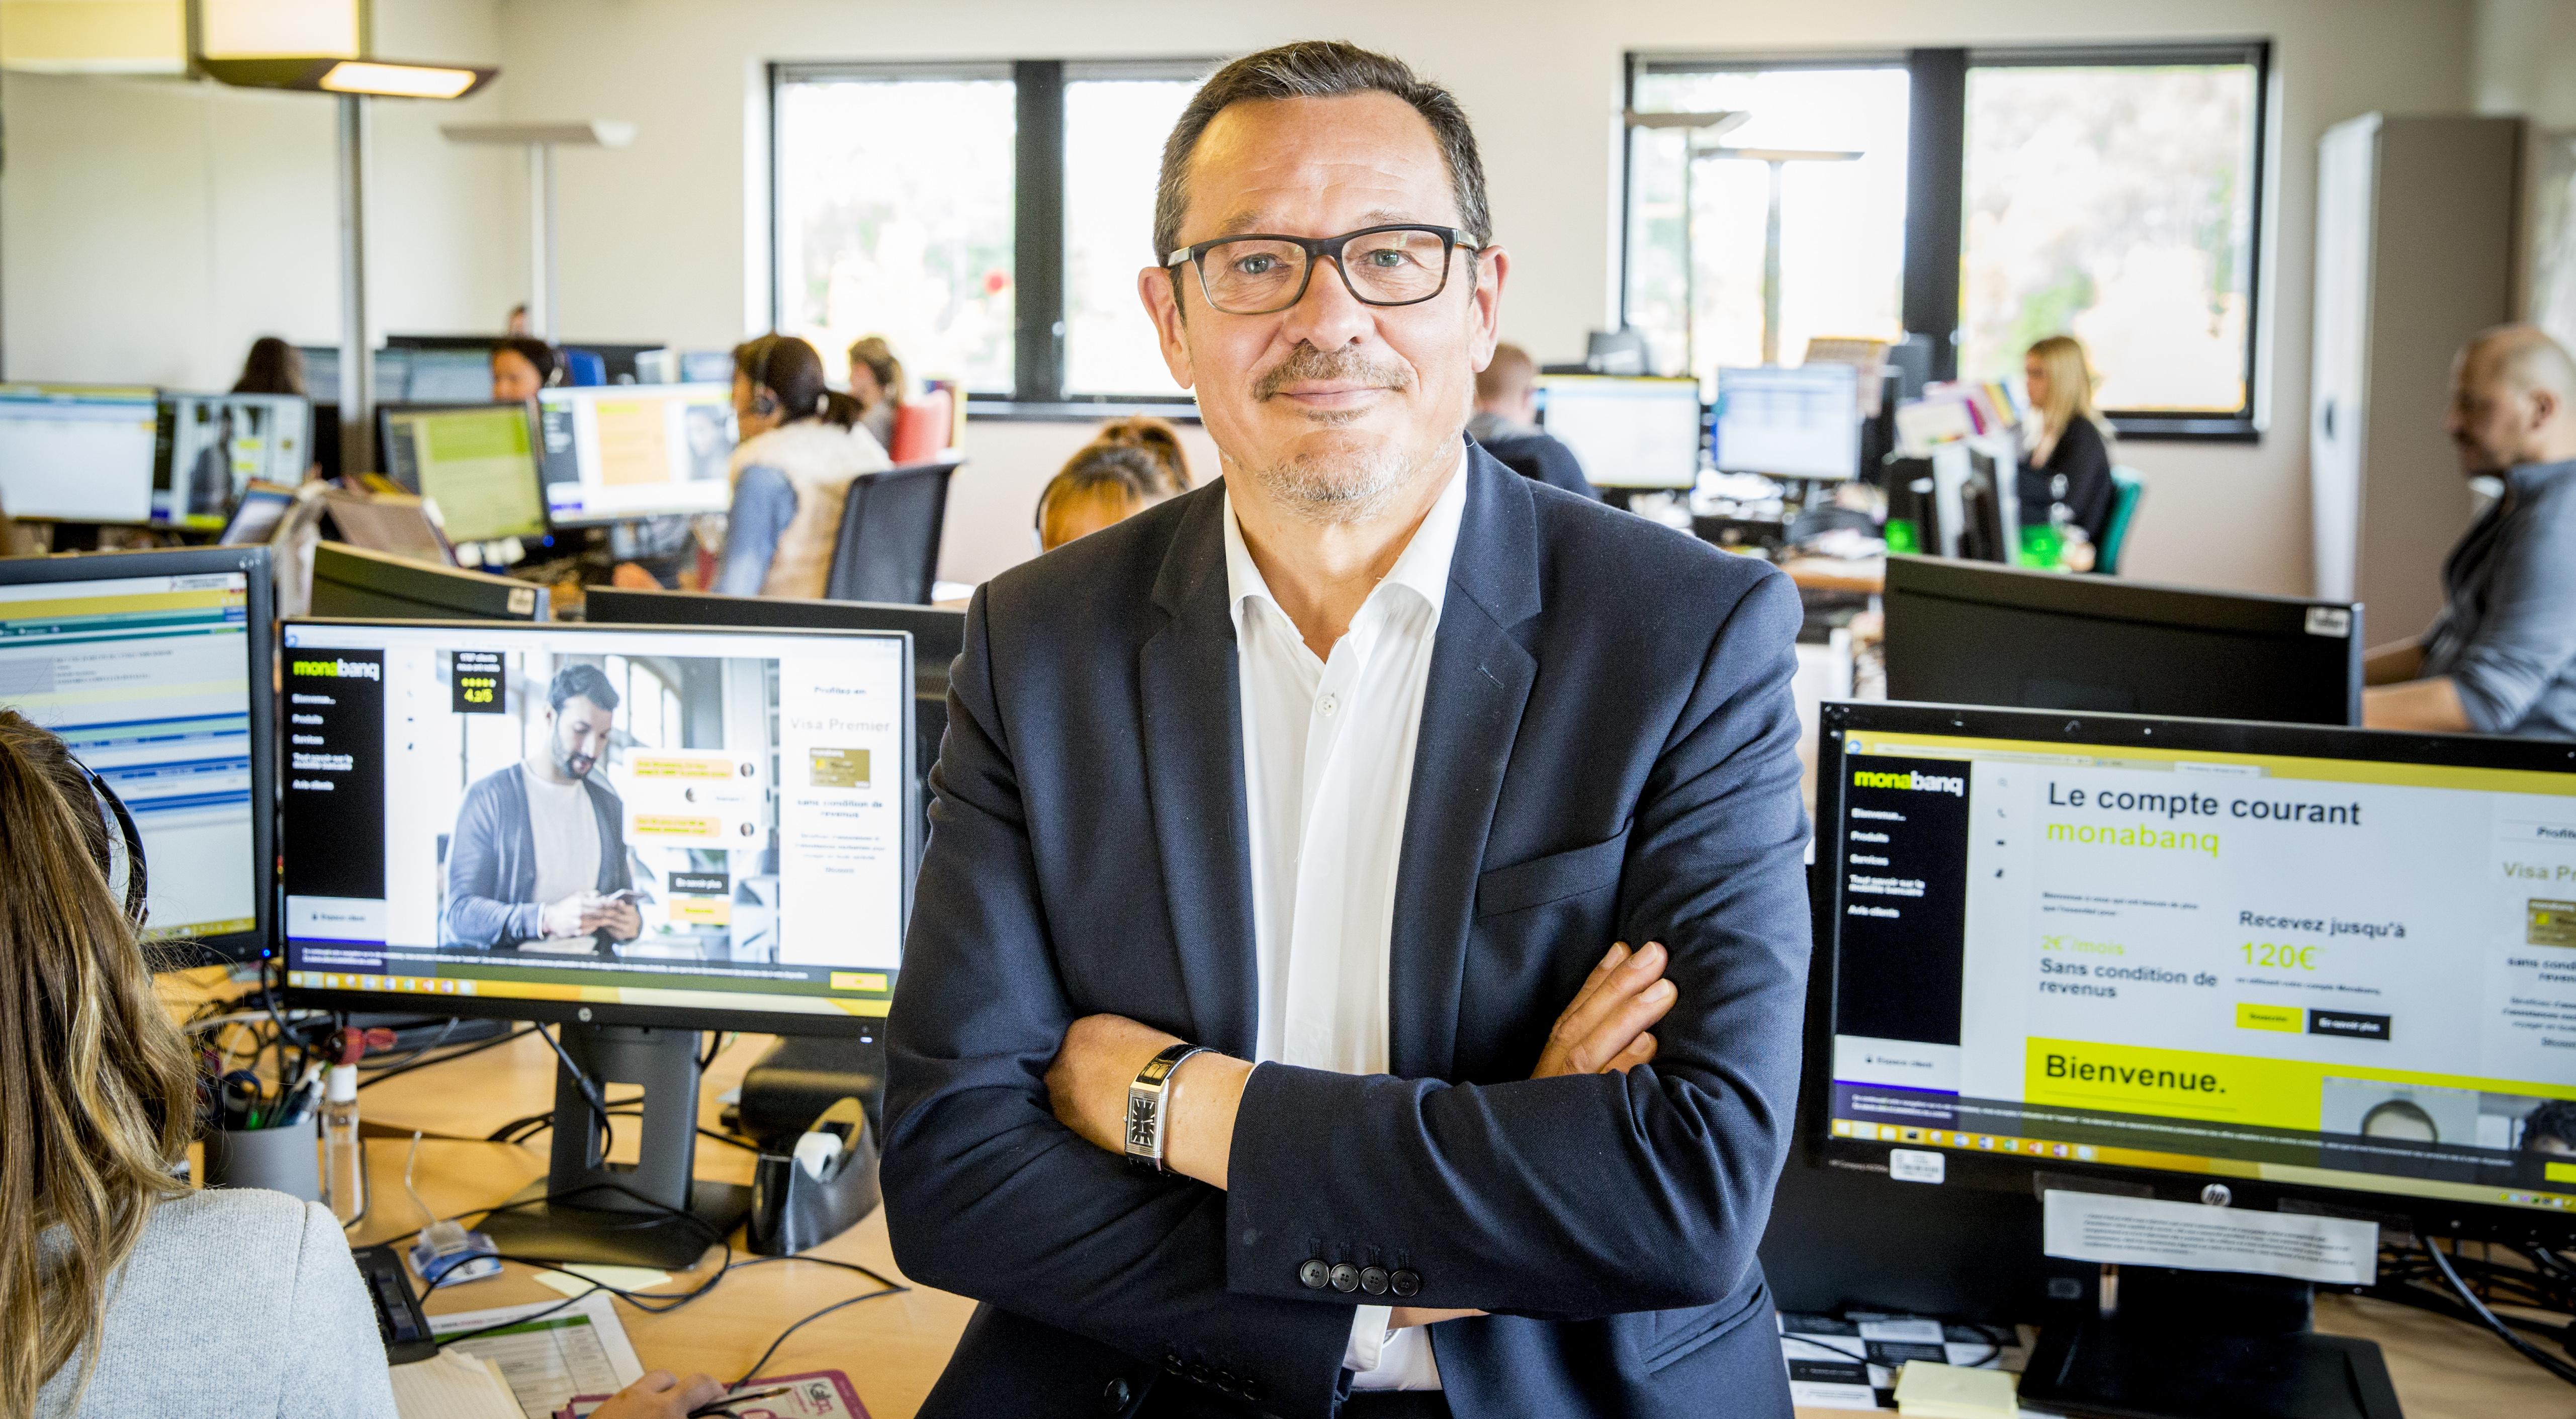 Monabanq décroche le Prix « Elu Service Client de l'année 2018 »